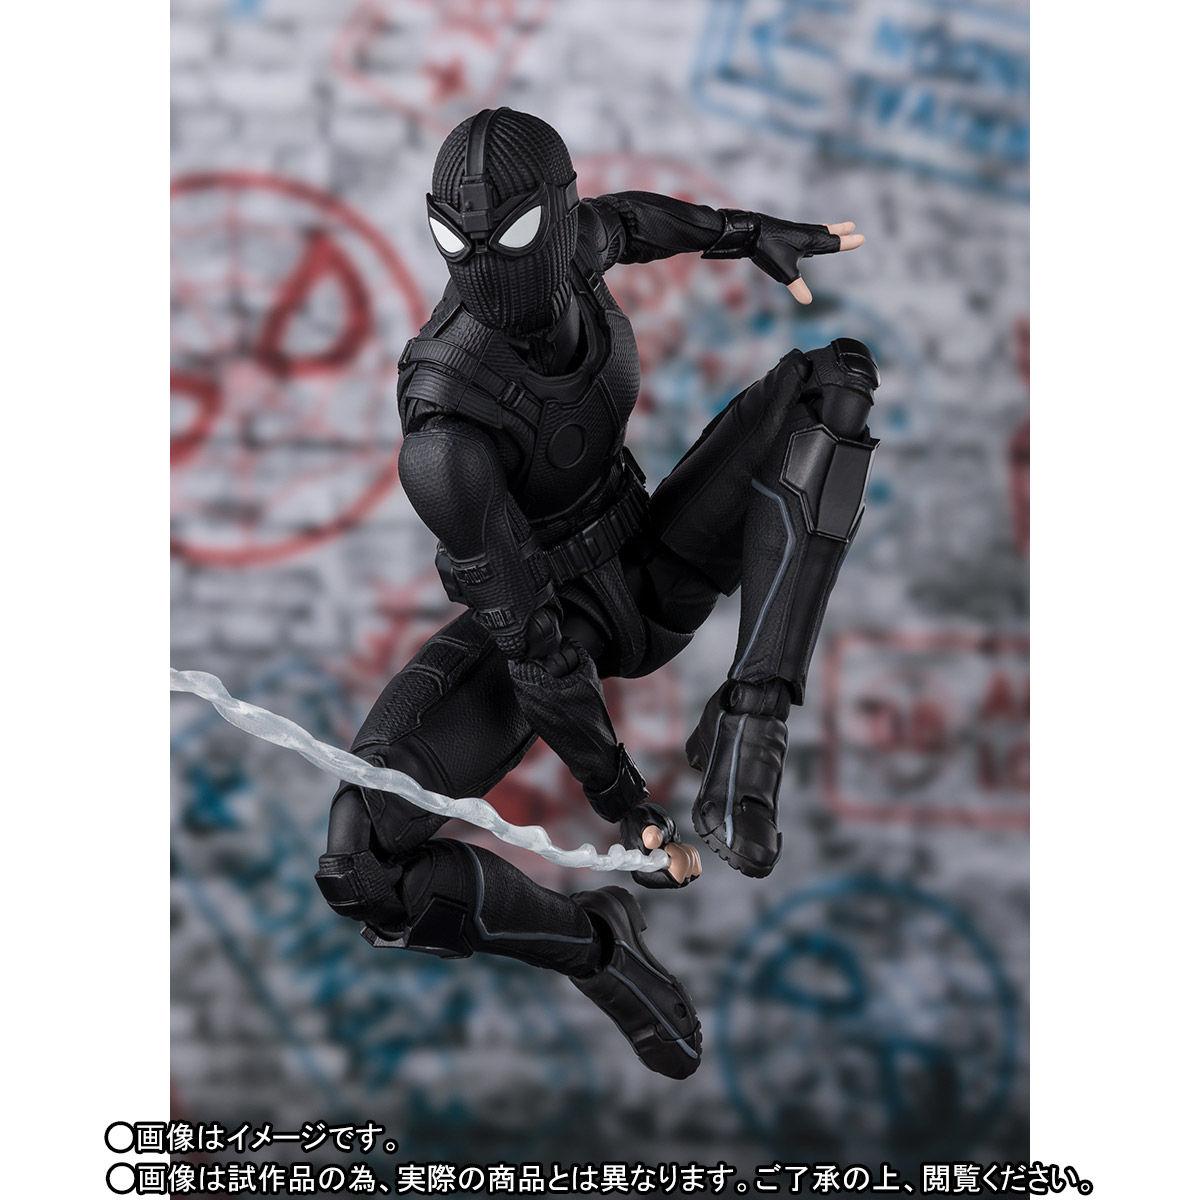 S.H.Figuarts『スパイダーマン ステルス・スーツ』スパイダーマン:ファー・フロム・ホーム アクションフィギュア-003